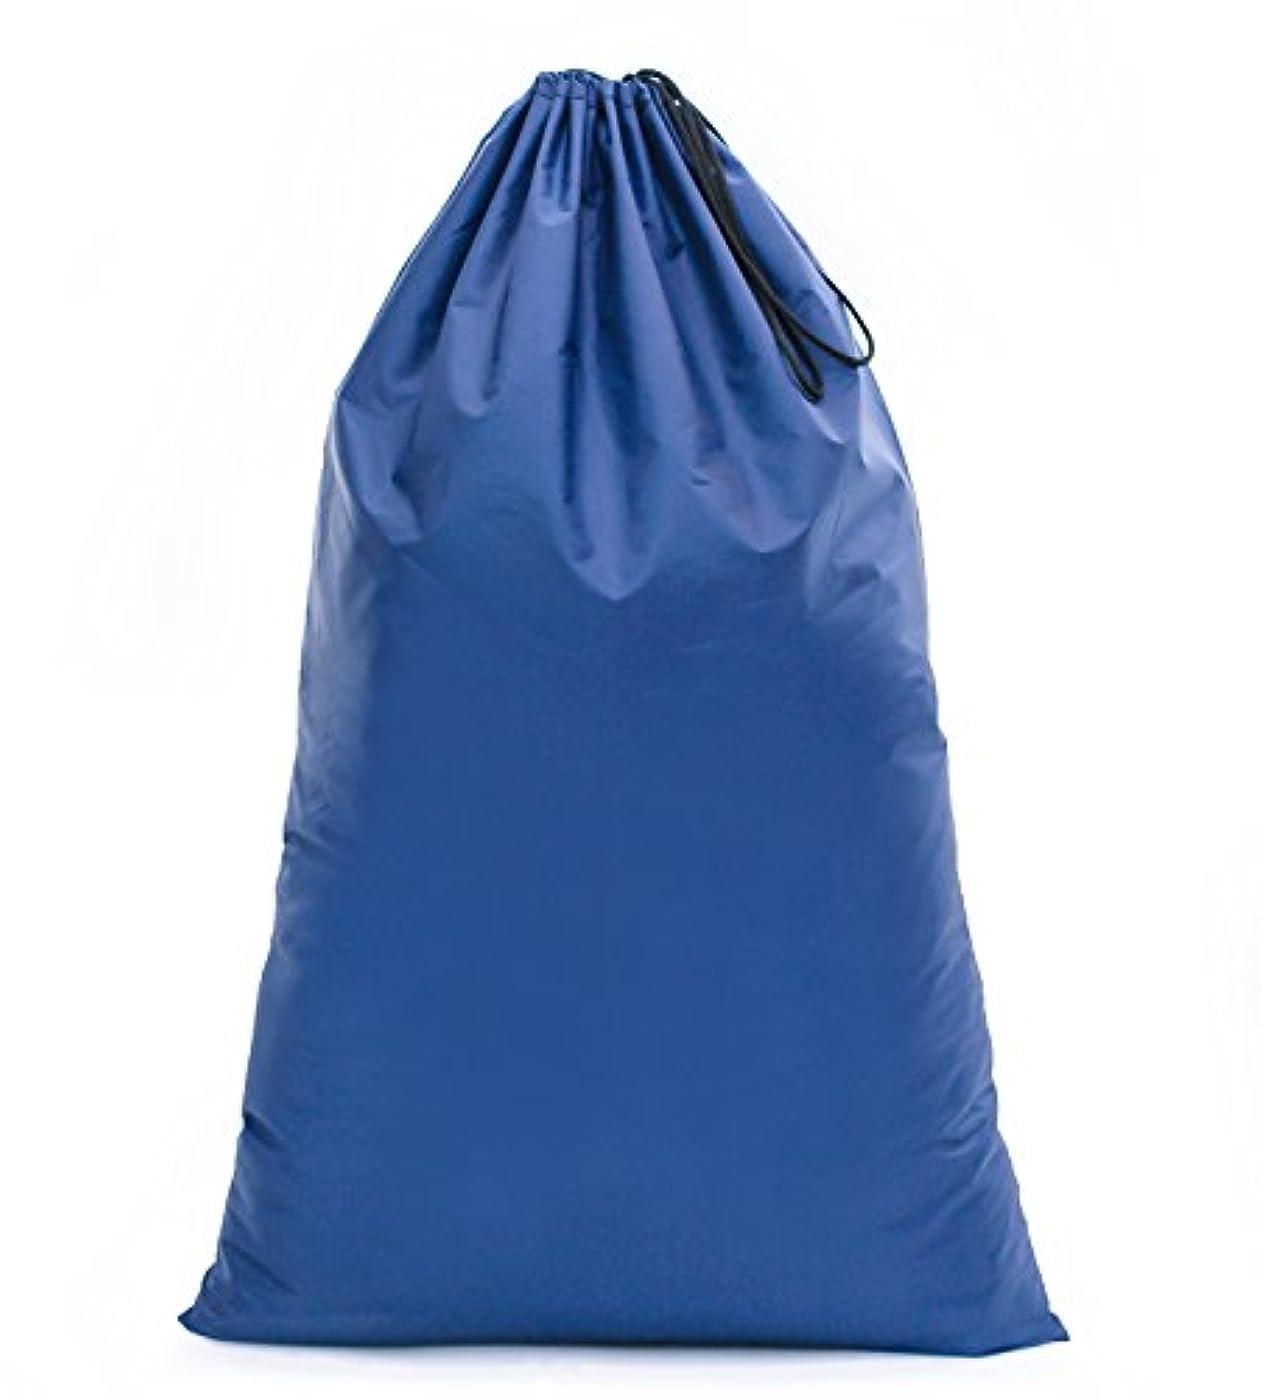 航空絵悲惨な【Y.WINNER】特大サイズ 巾着袋 収納袋 (106*70CM)撥水加工 アウトドア キャンプ 旅行 バッグ 万能巾着袋 大きいサイズの着替え袋にも使える (106*70)